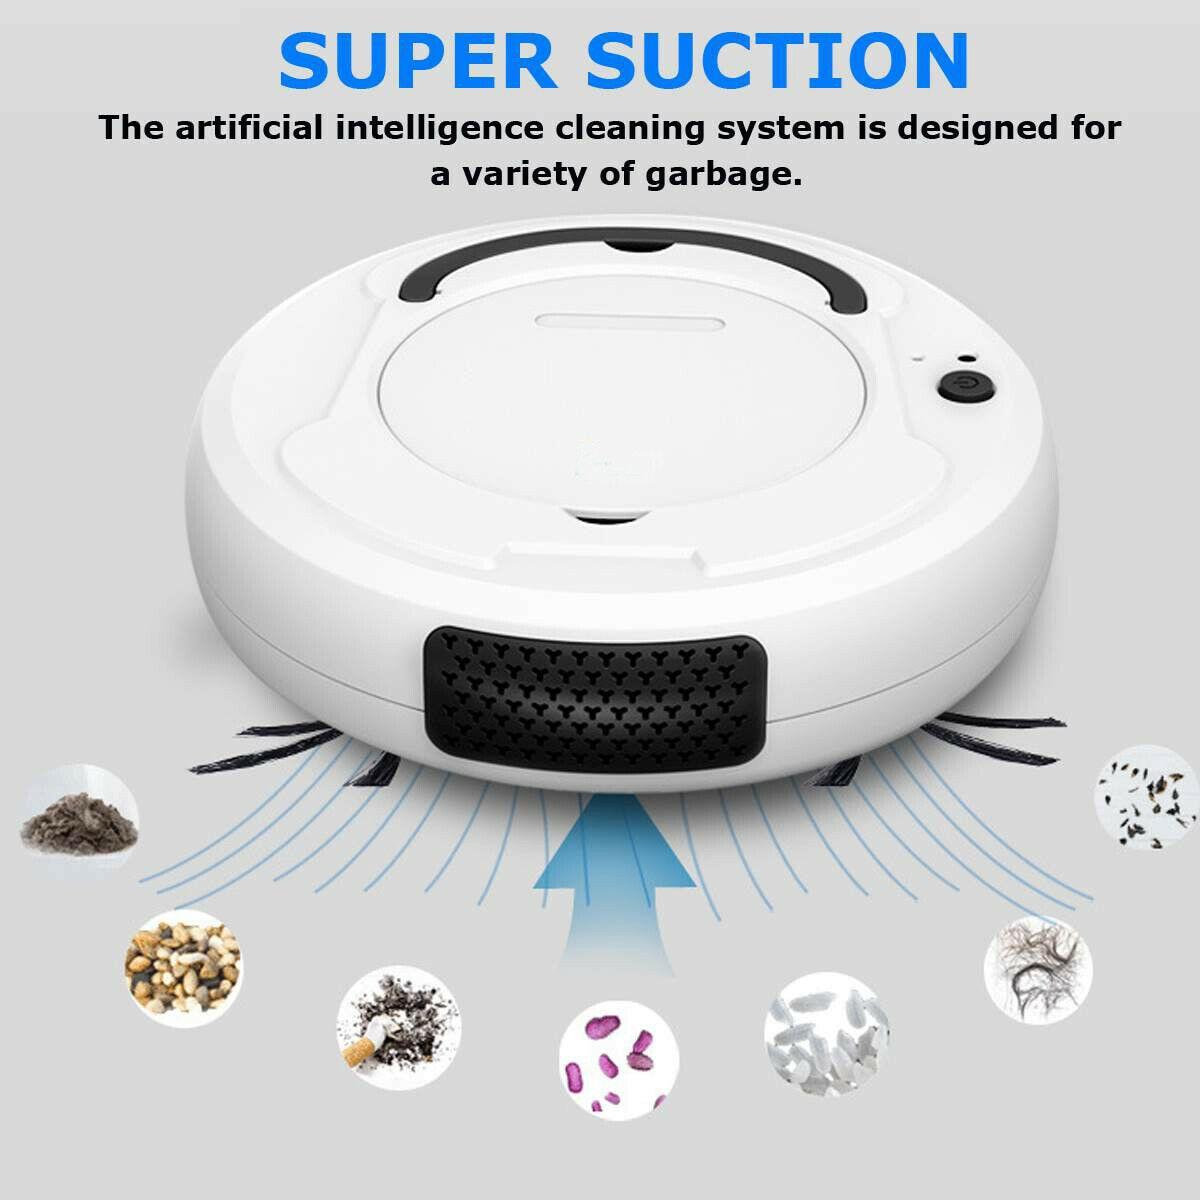 Автоматический пылесос- умный робот очиститель для любой поверхности